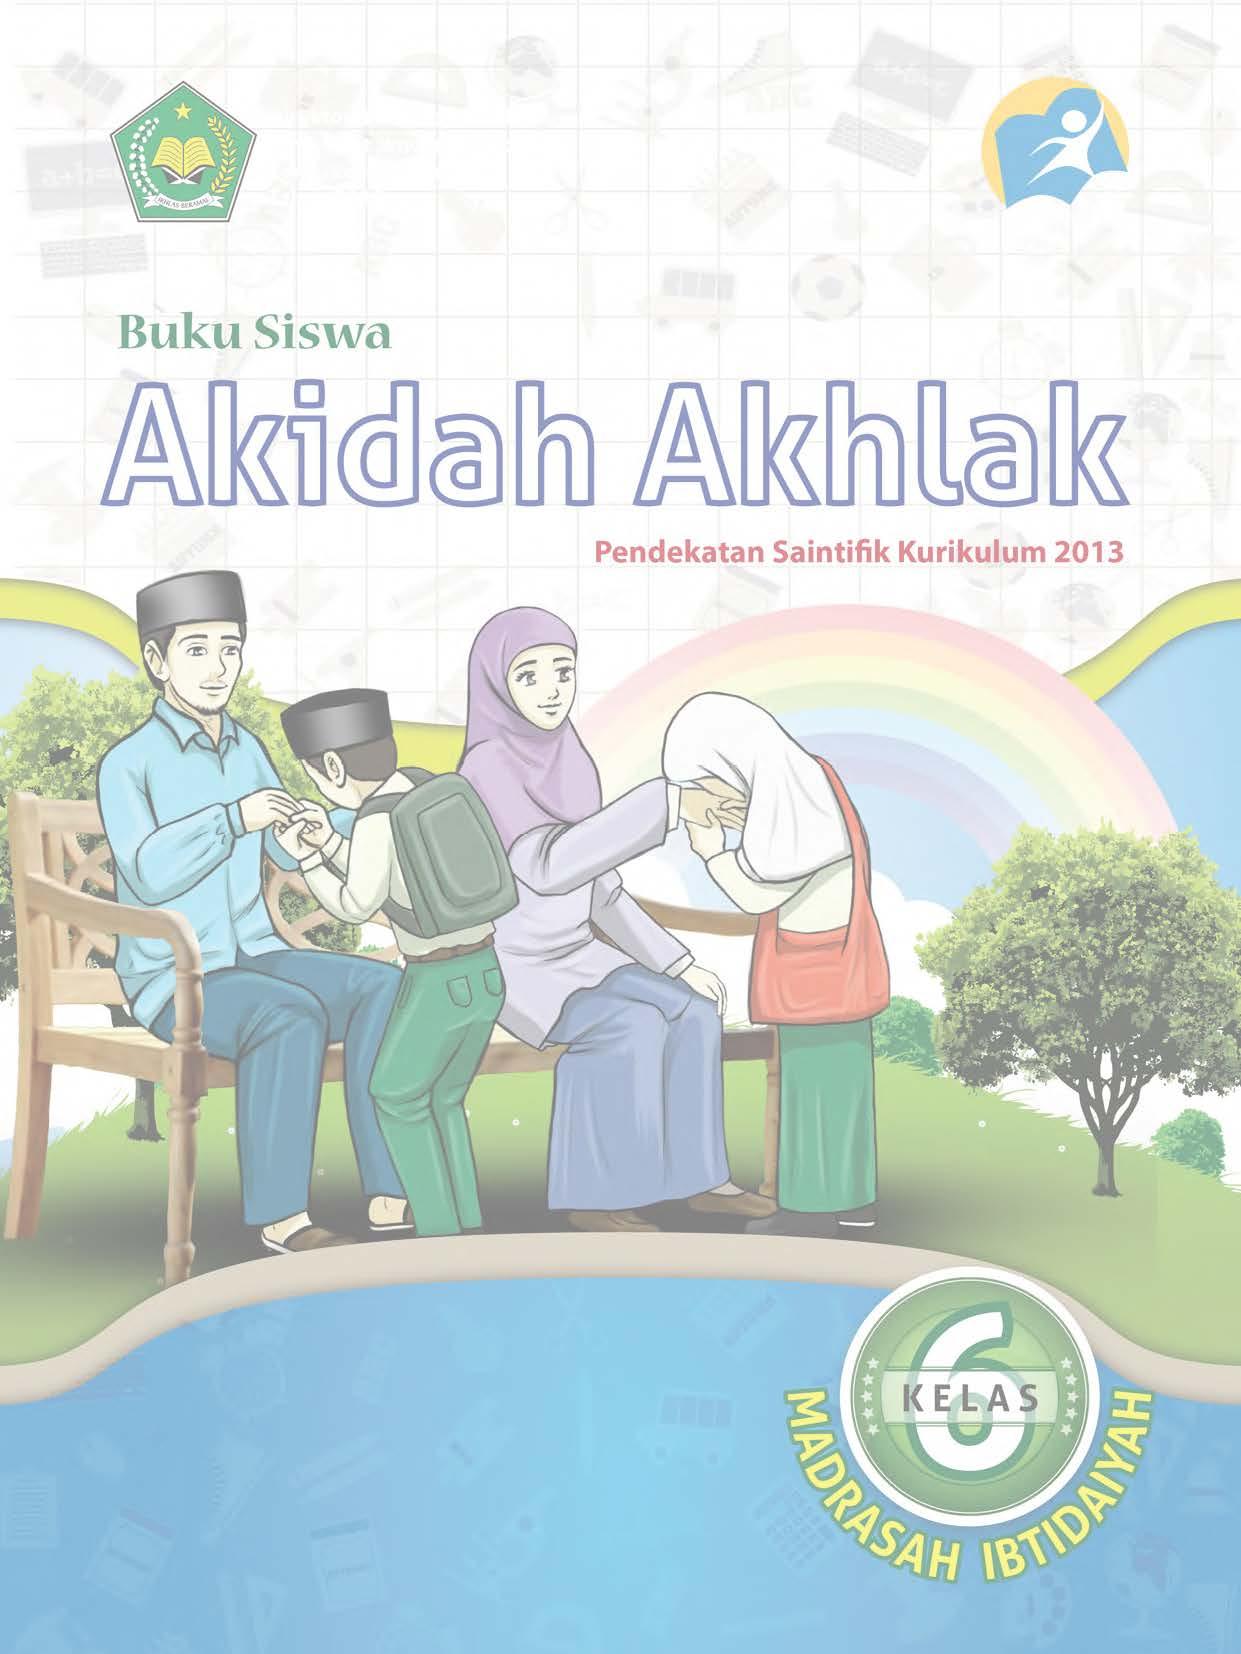 Buku Akidah Akhlak Kelas 6 MI